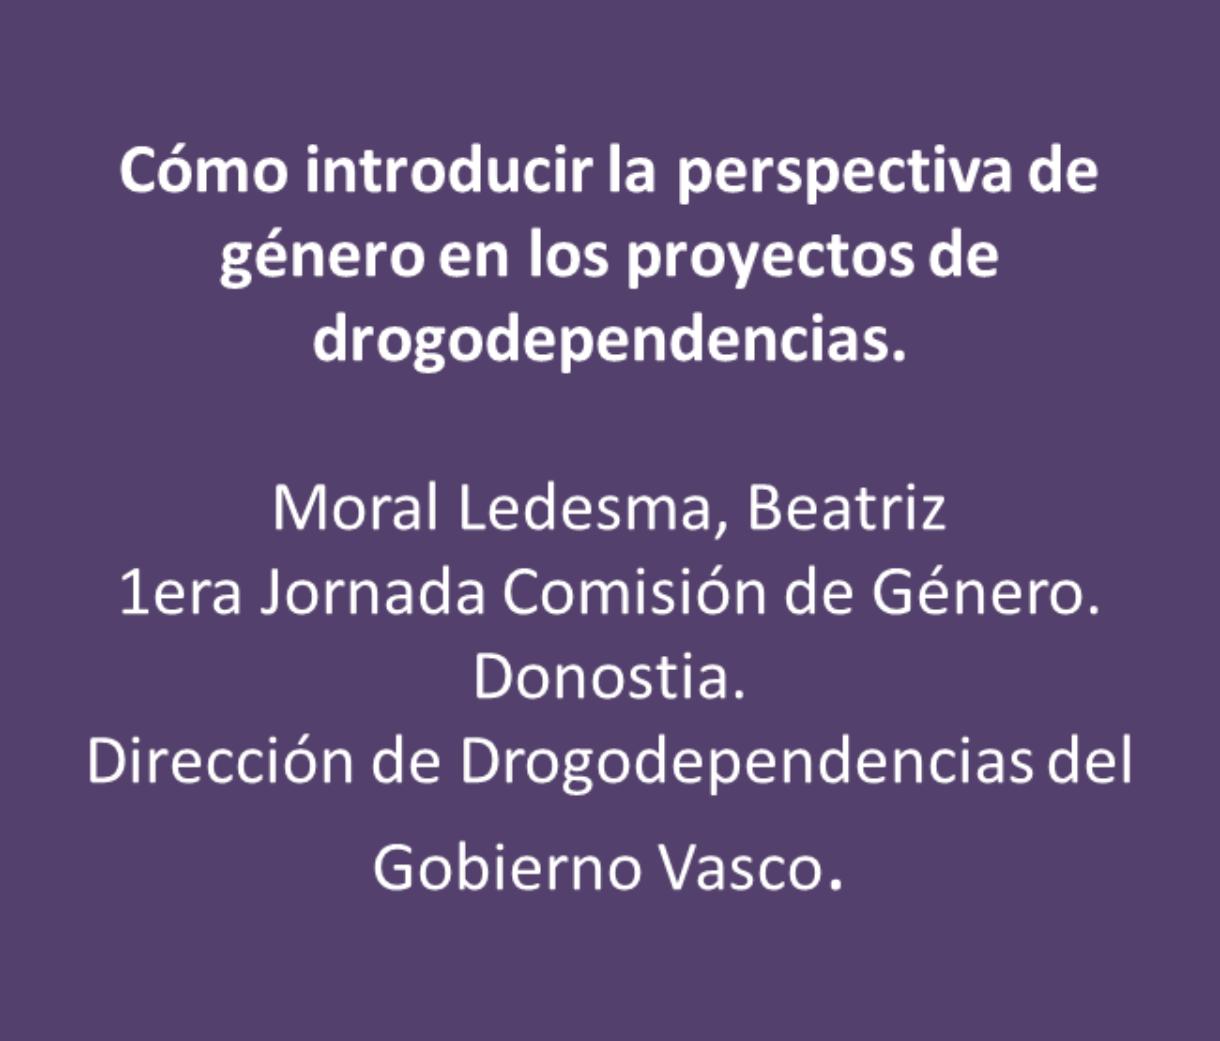 Moral, Beatriz: Cómo introducir la perspectiva de género en los proyectos de drogodependencias